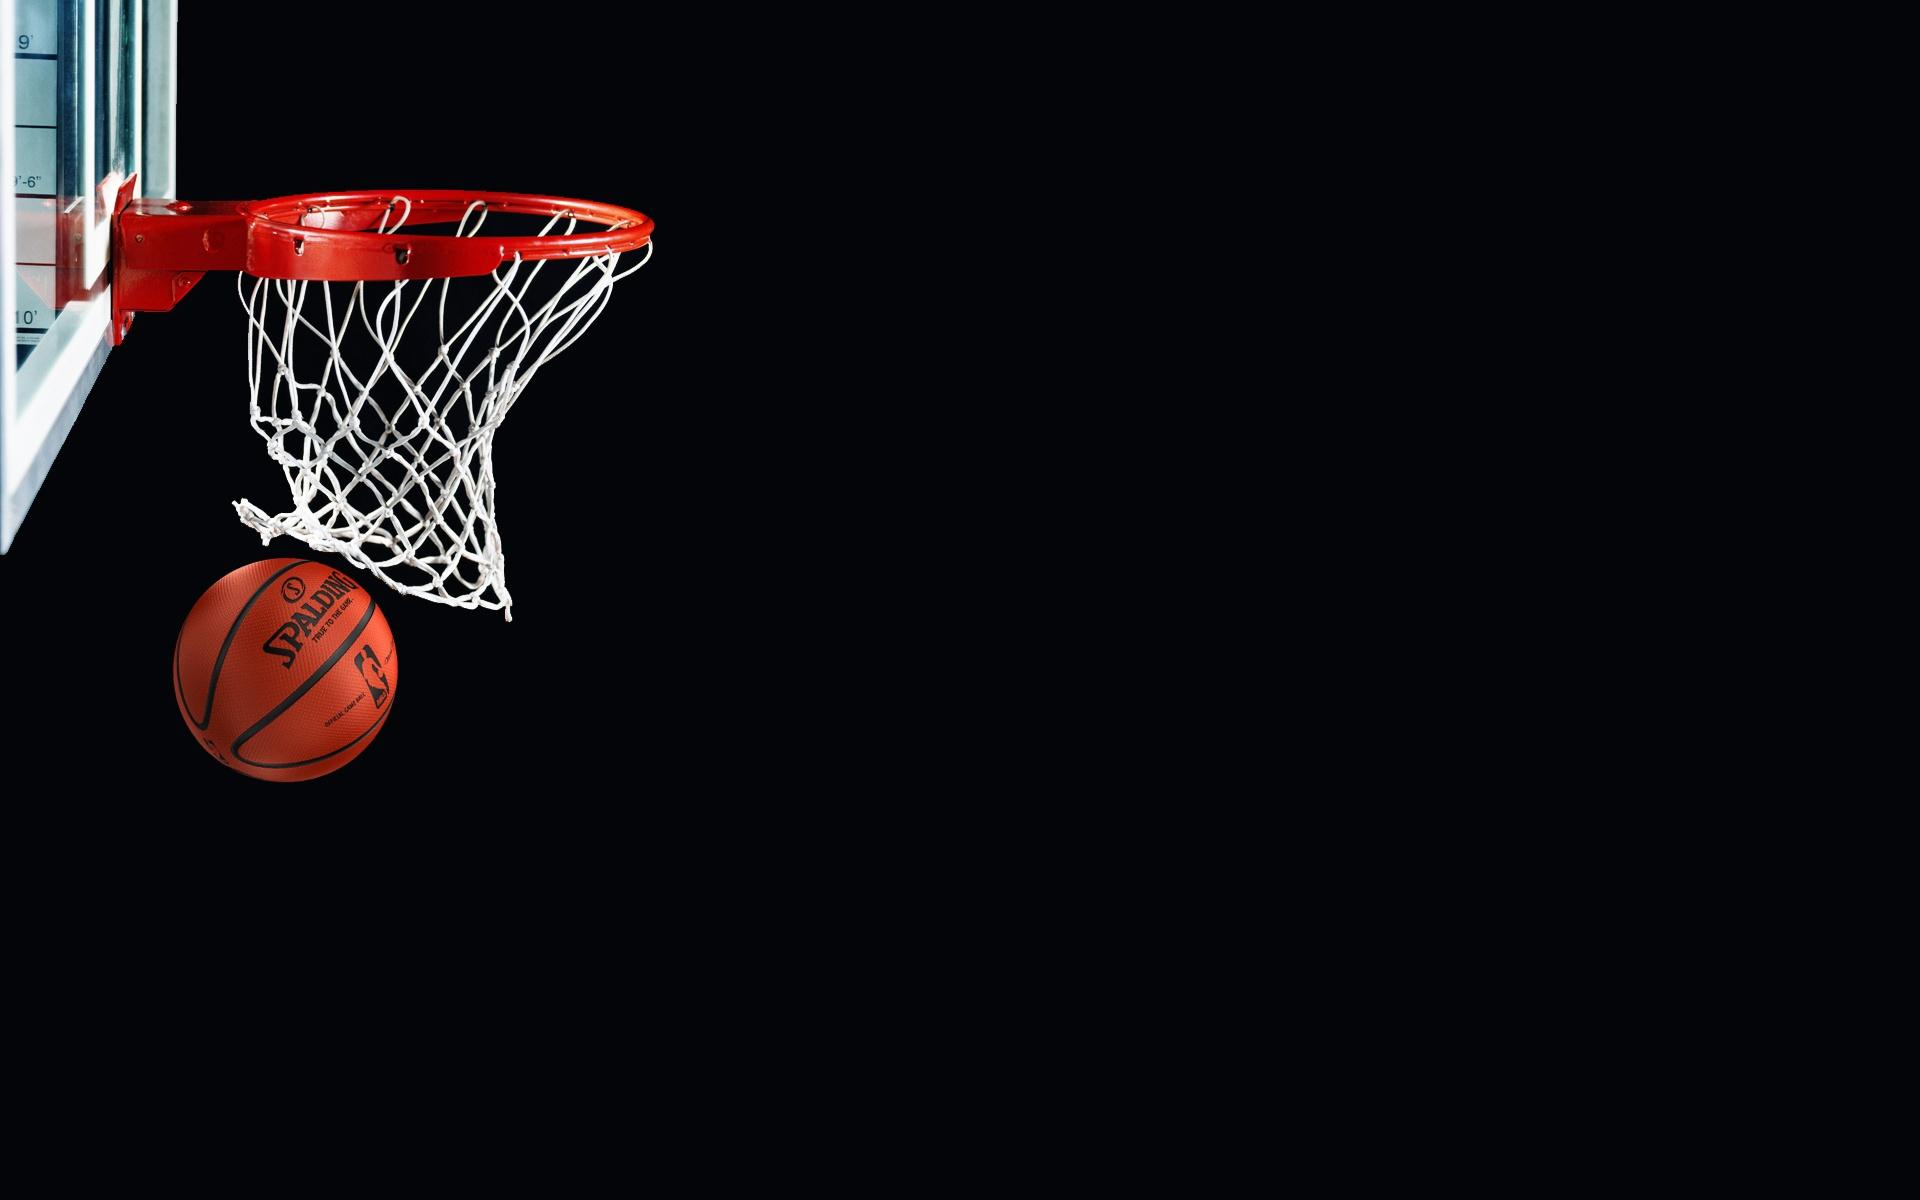 basketball wallpapers awesome basketball wallpapers basketball 1920x1200